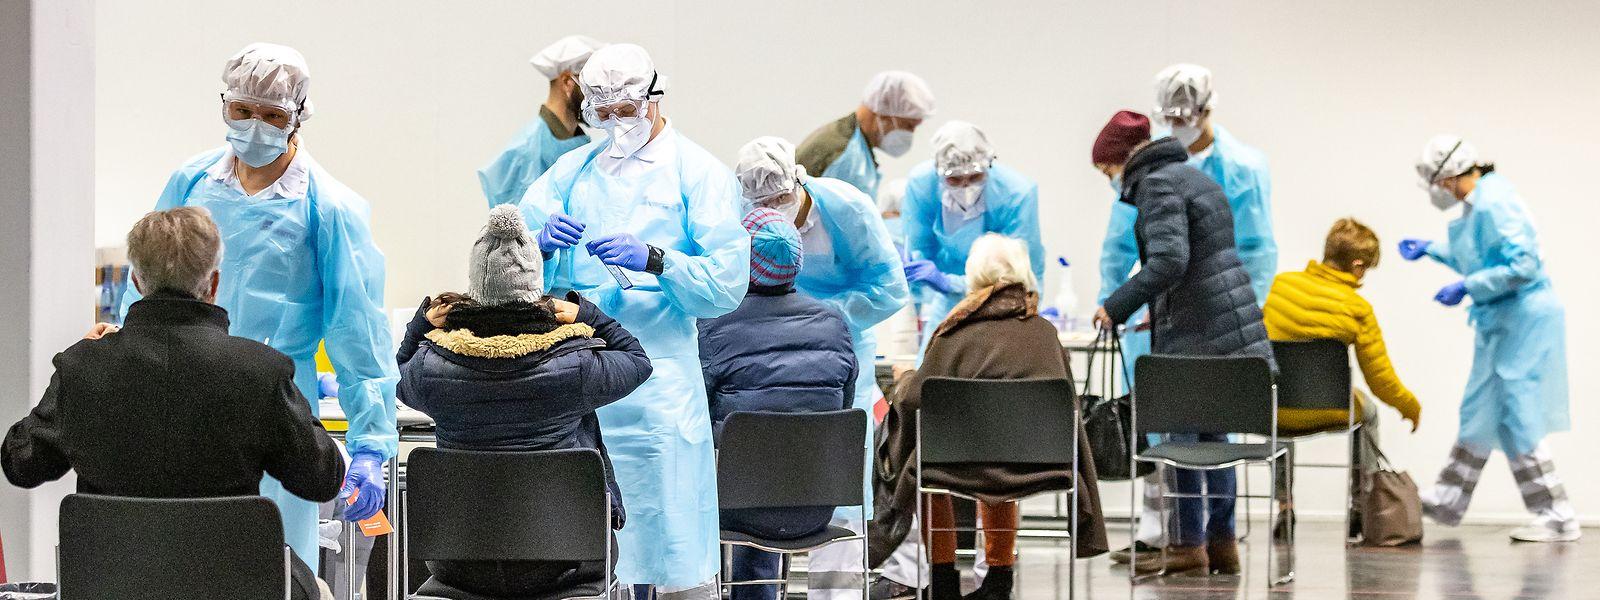 Alors que le Luxembourg a déjà réalisé près de 1,4 million de tests covid, l'Autriche vient seulement de débuter sa campagne de dépistage à grande échelle.